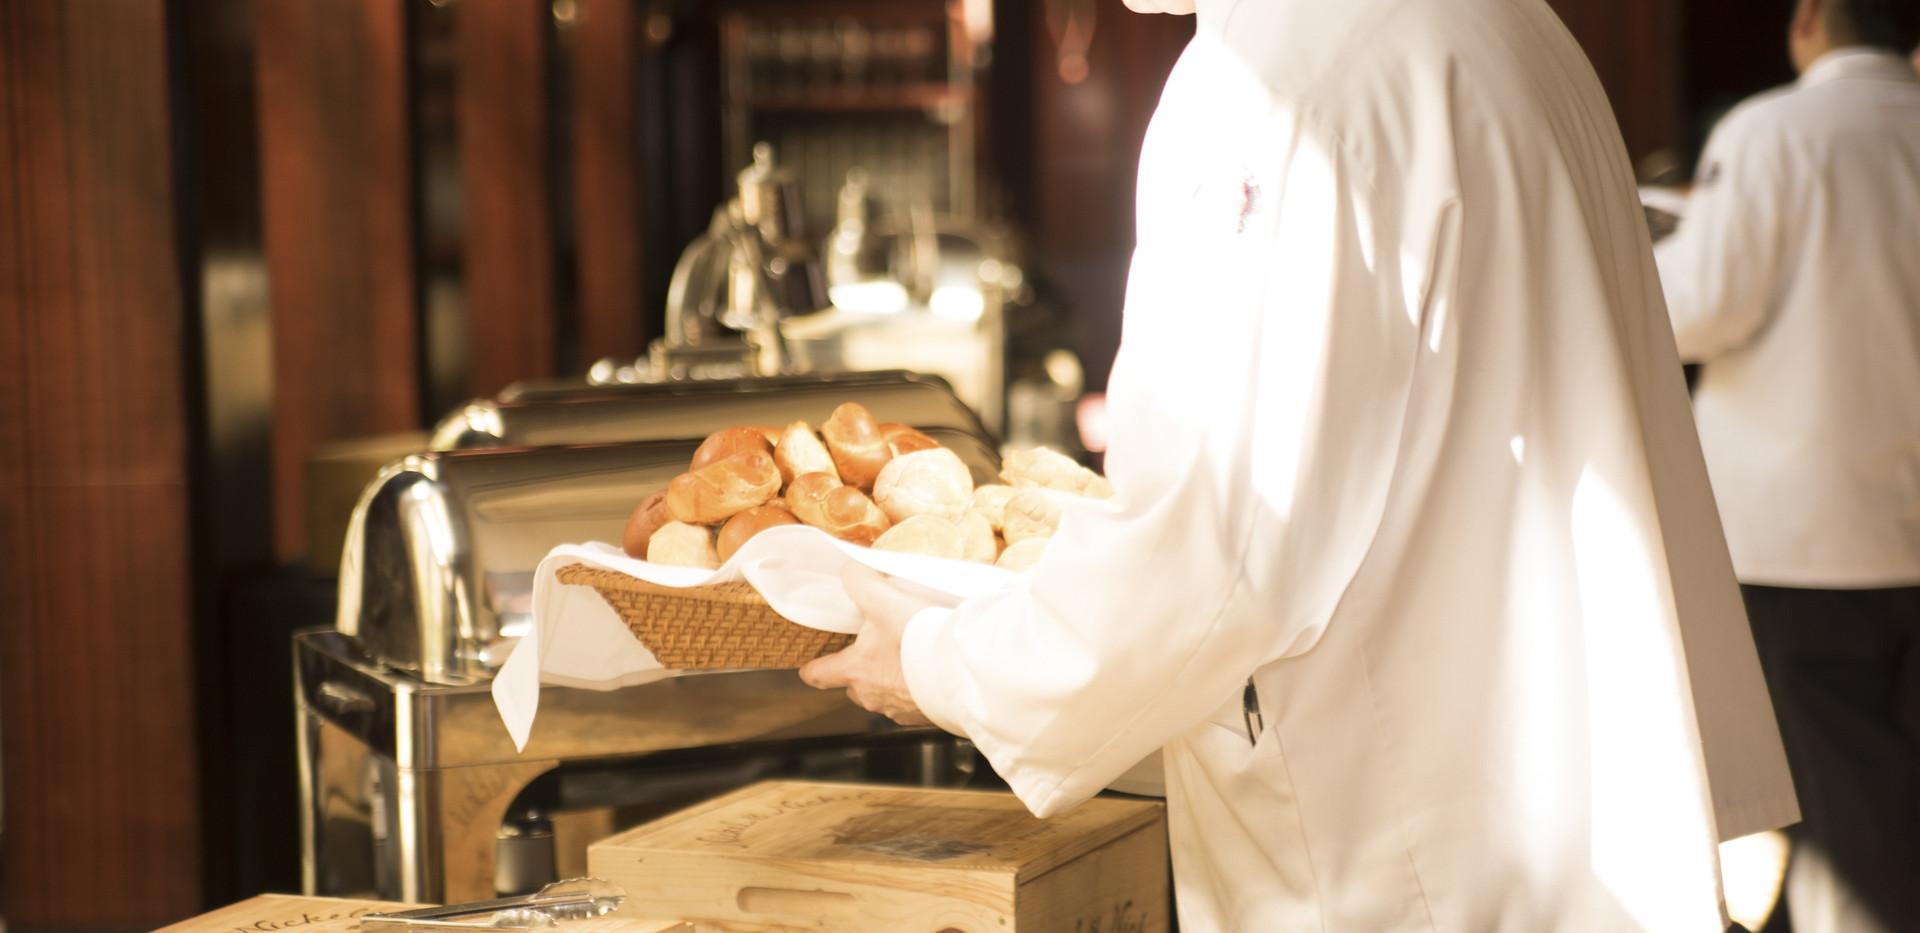 adult-bread-breakfast-280121.jpg